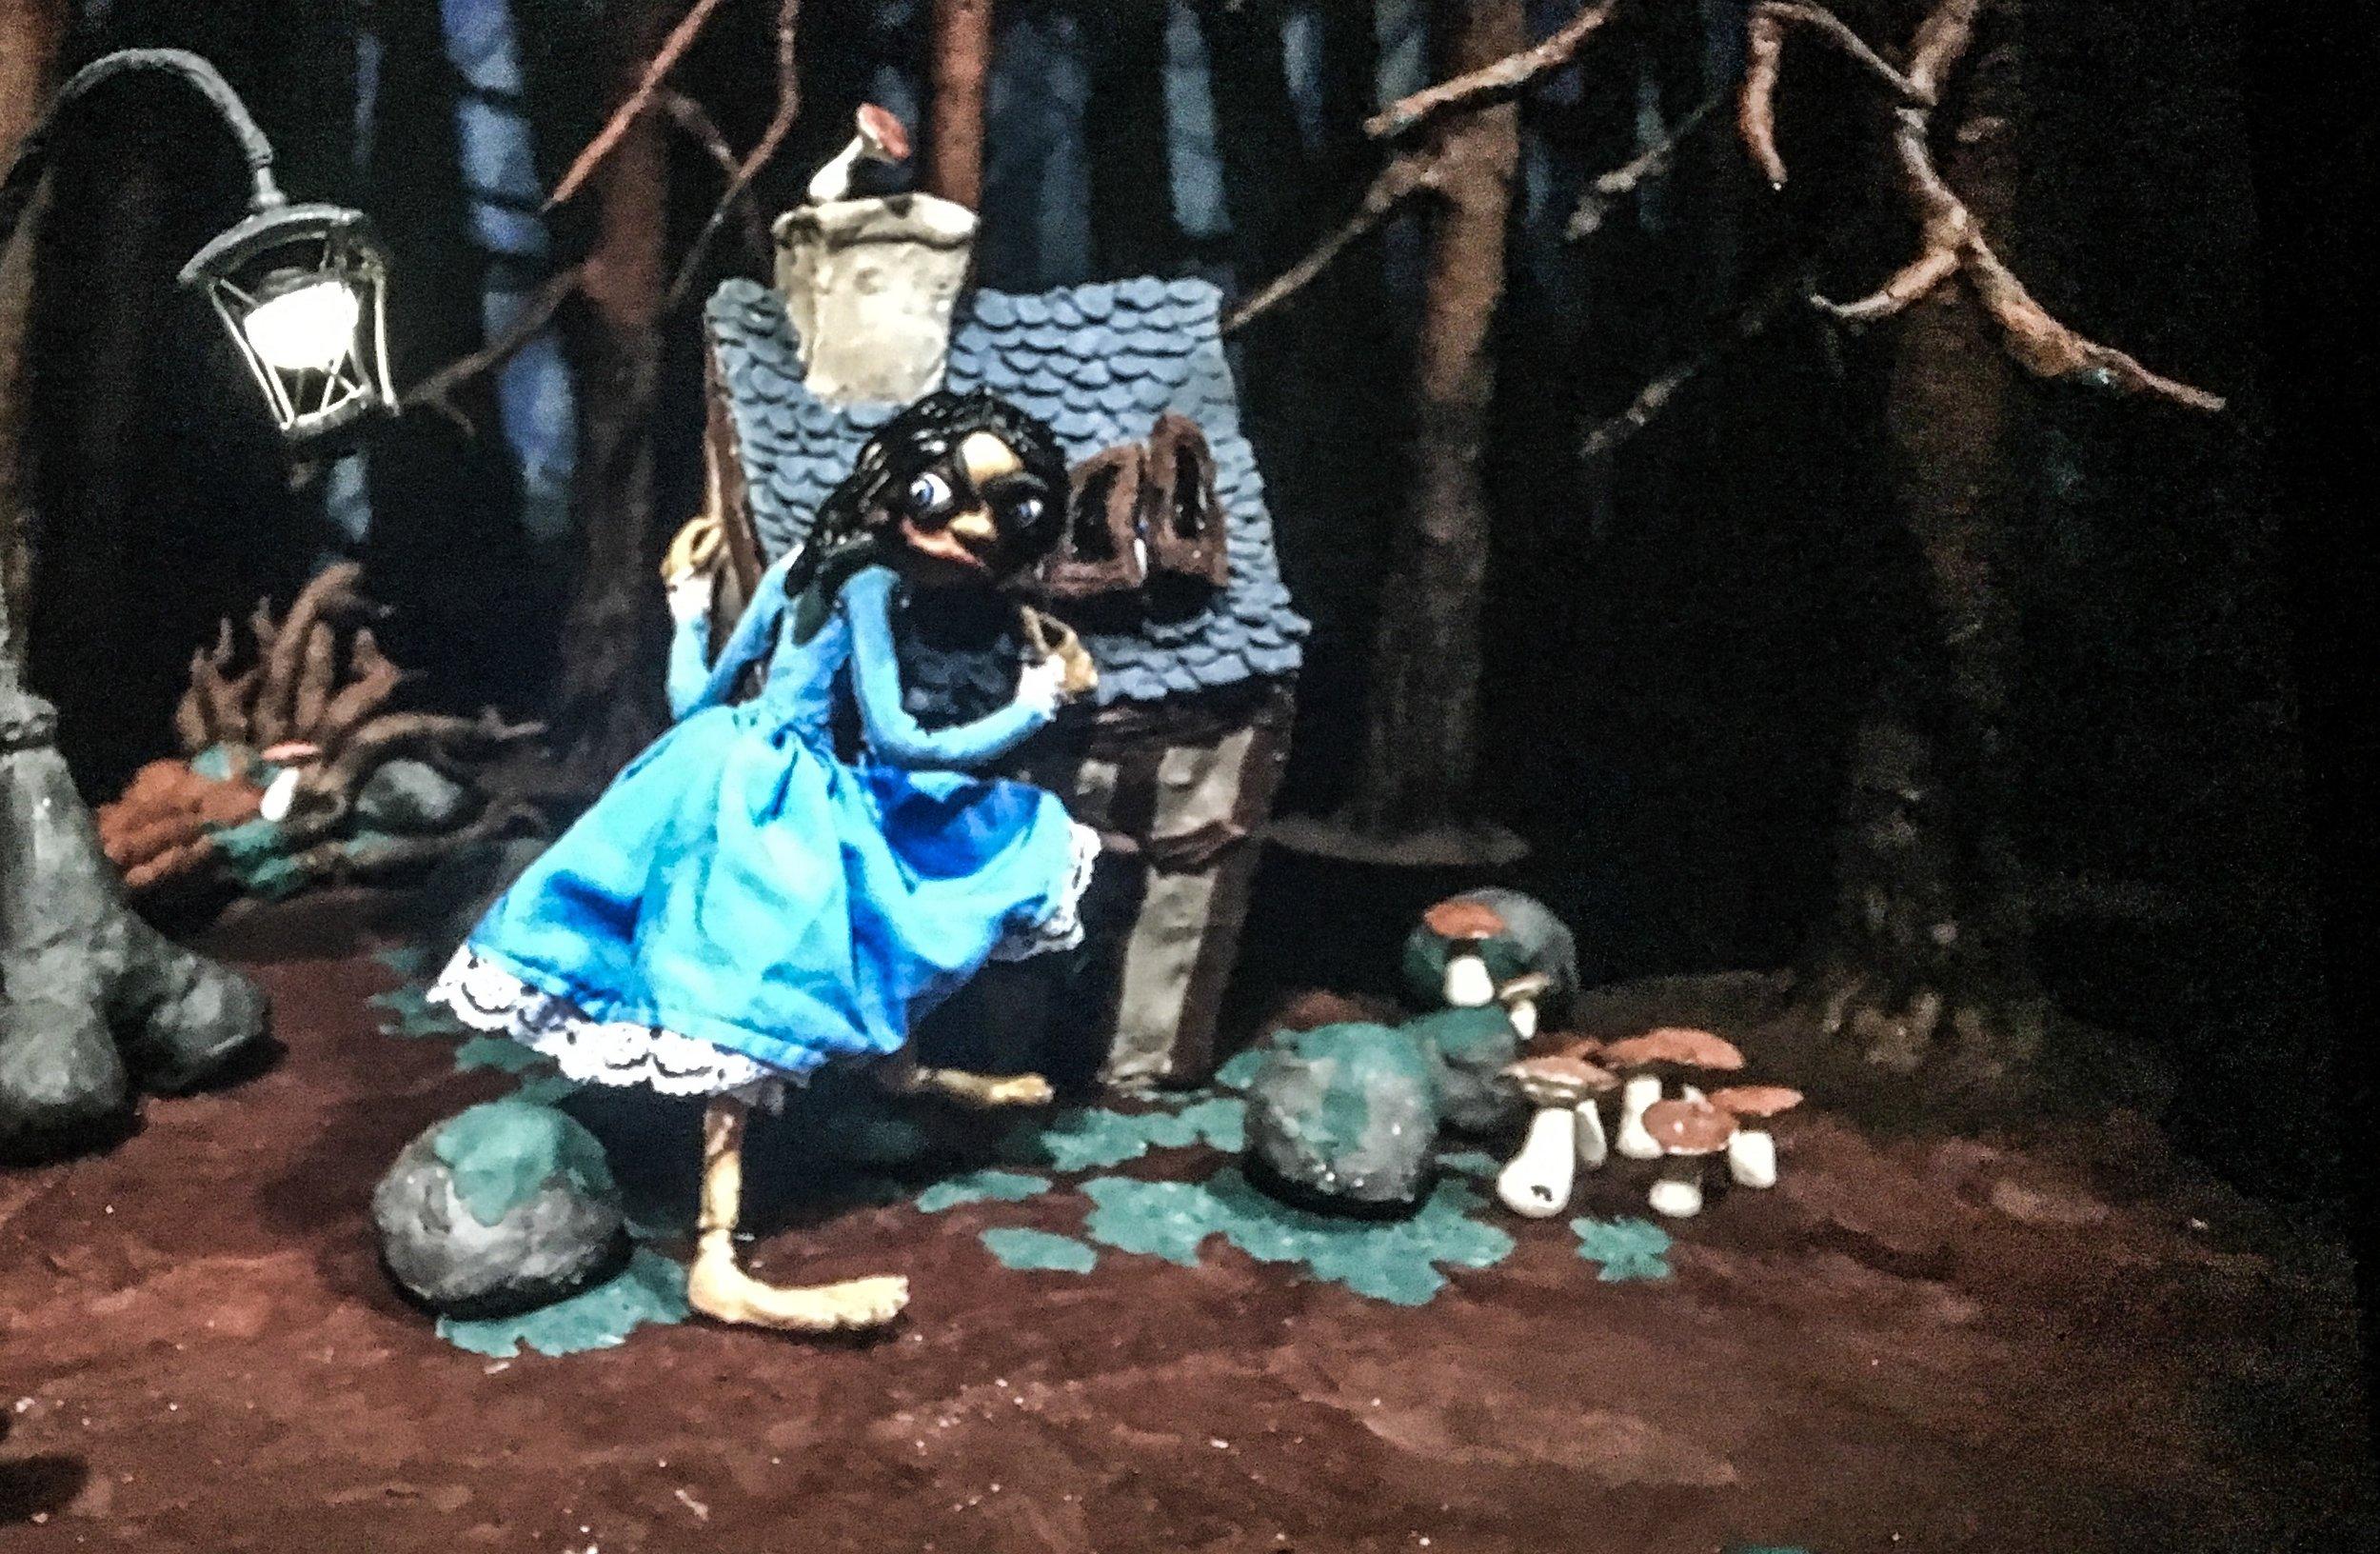 Still from video 'Dark Side of the Moon'